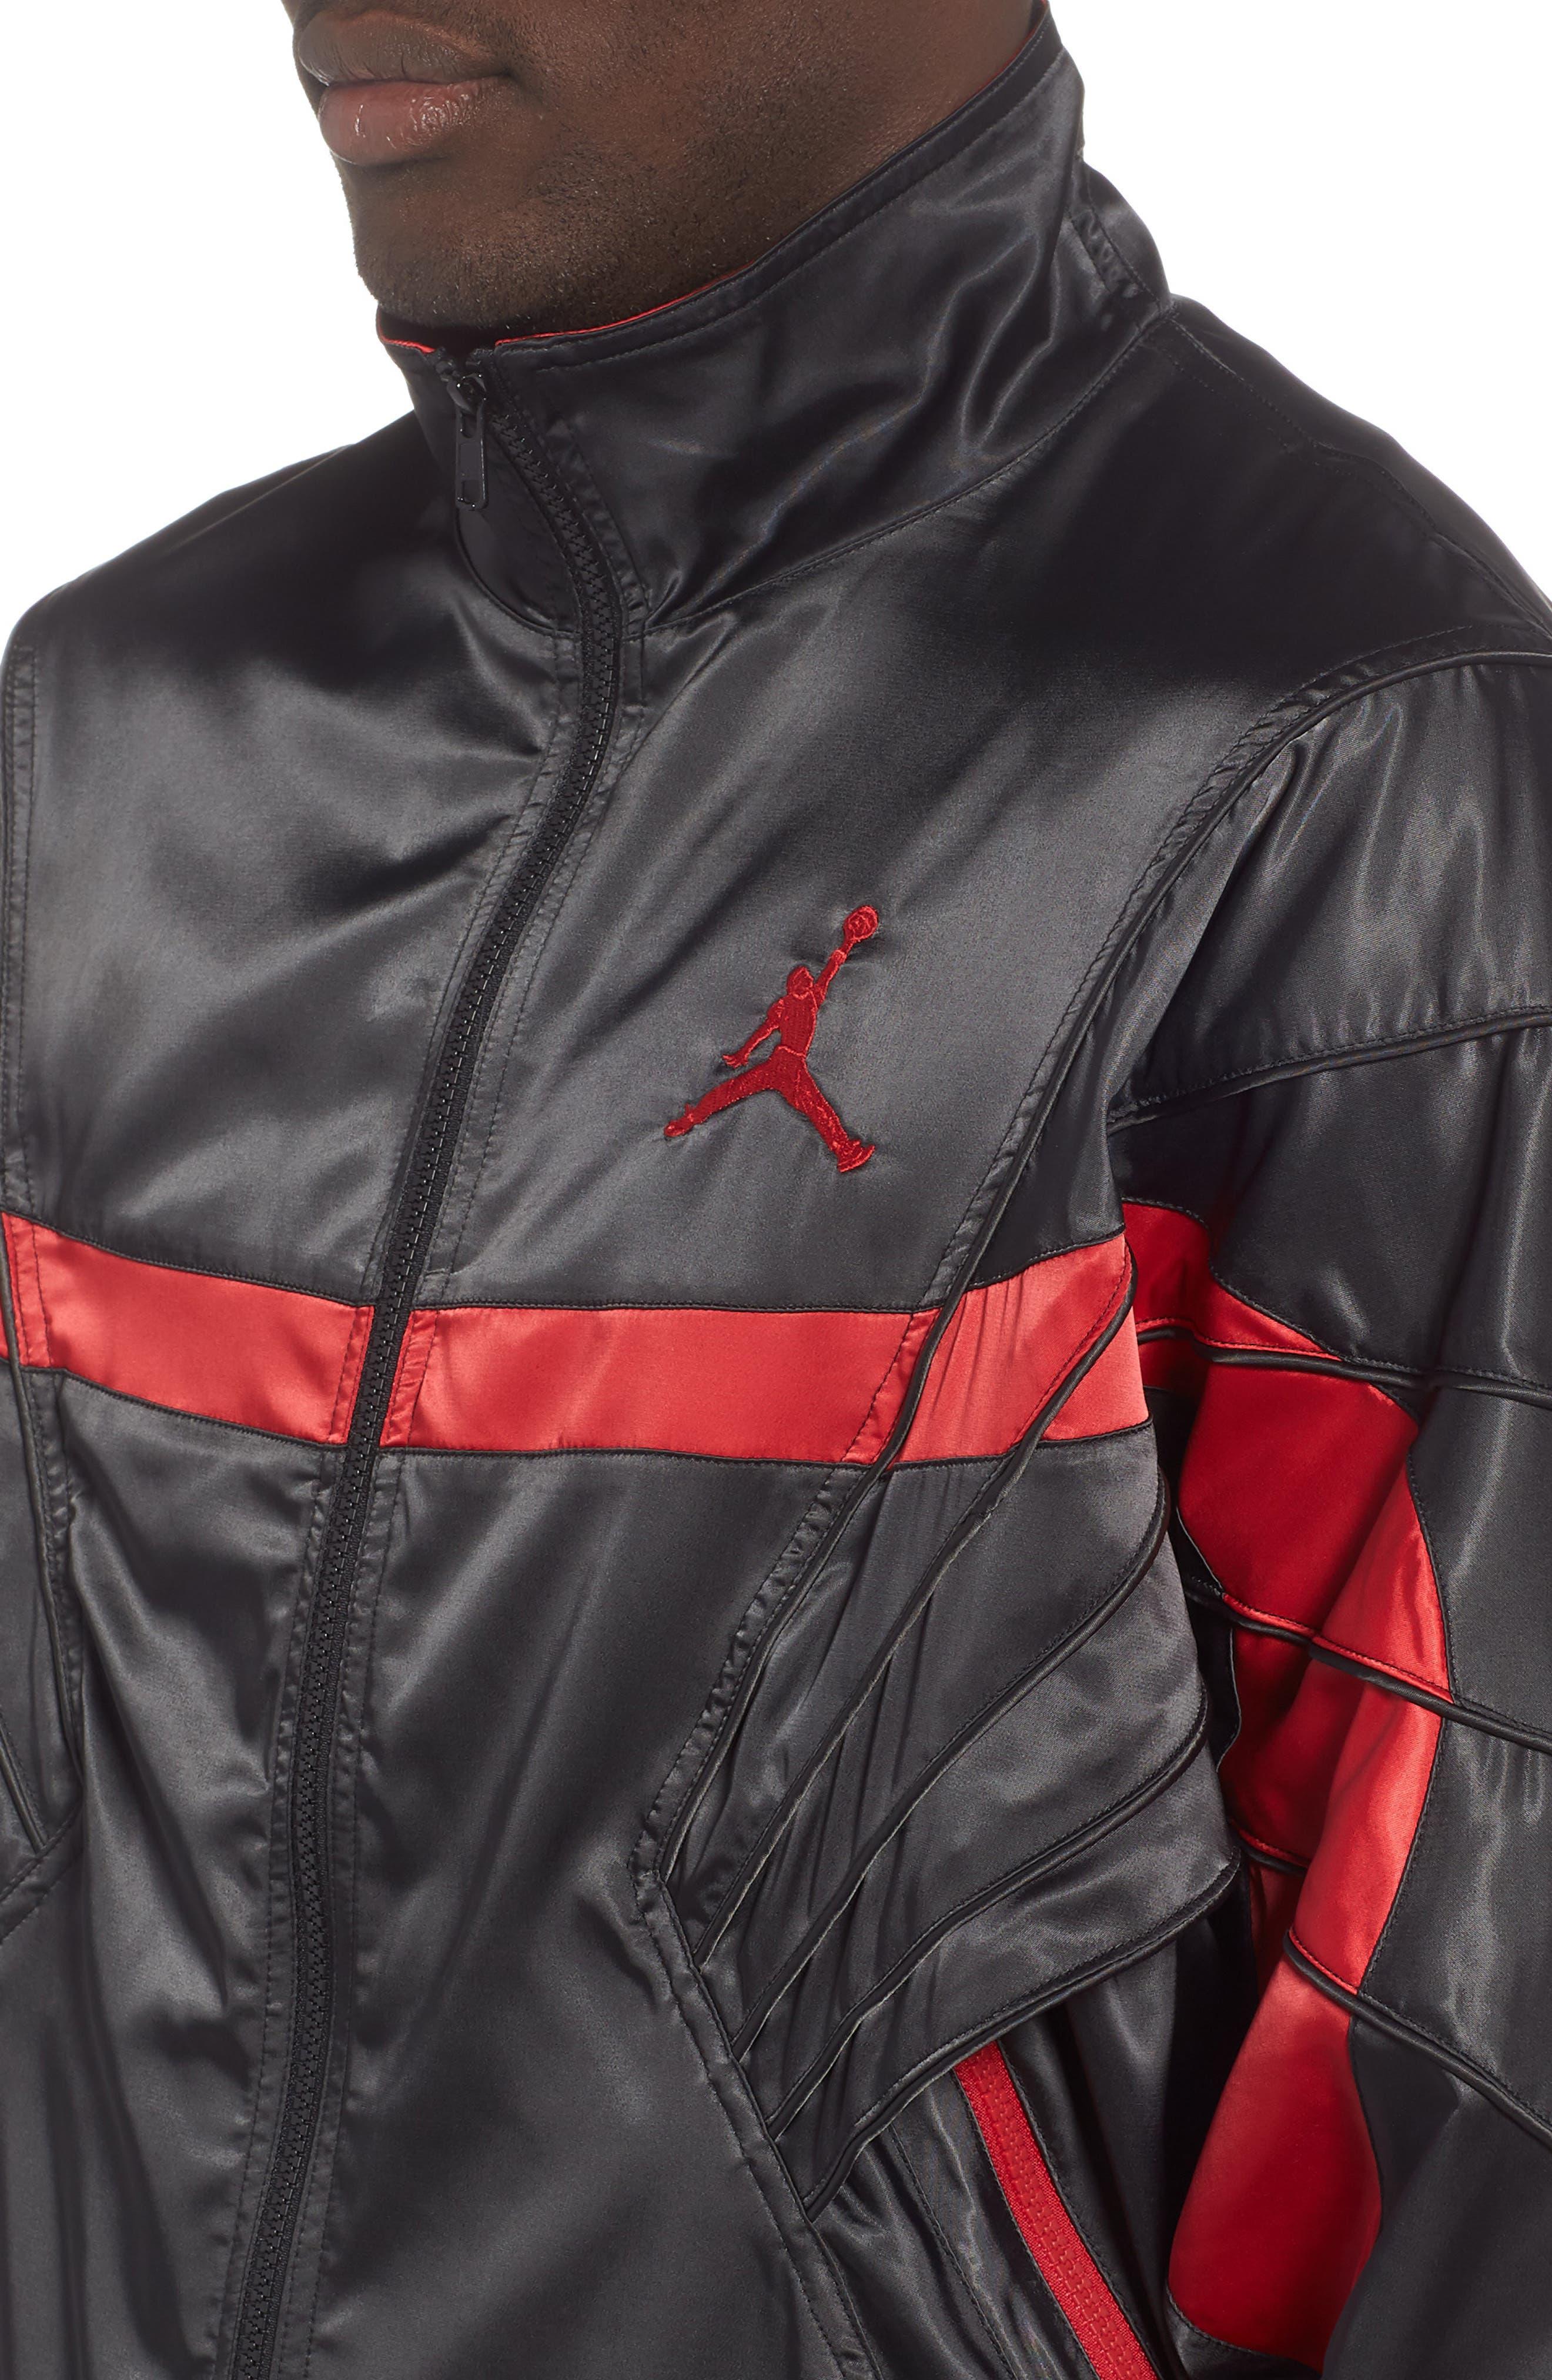 AJ5 Satin Track Jacket,                             Alternate thumbnail 4, color,                             BLACK